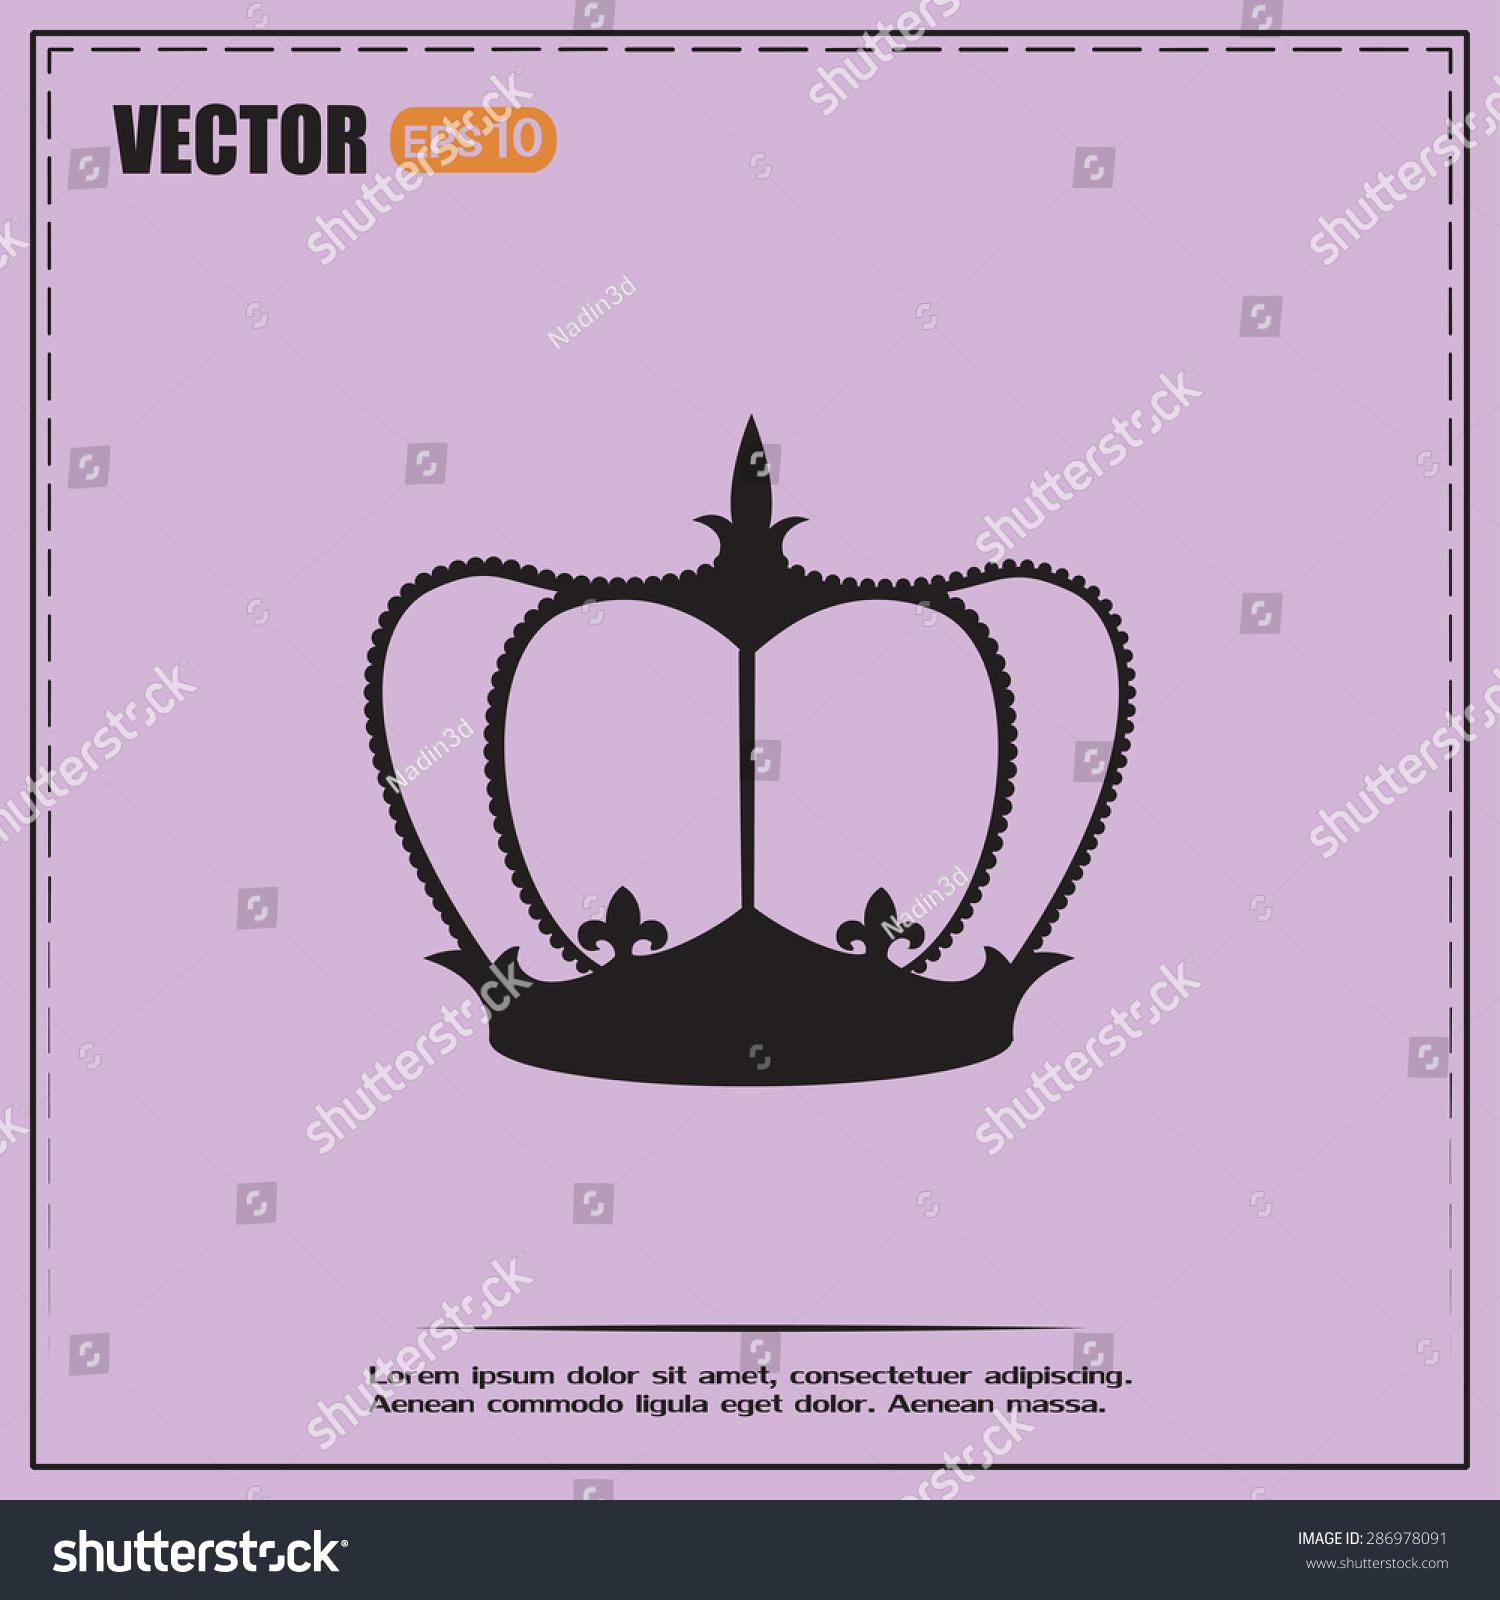 我的小可爱皇冠给你带配图